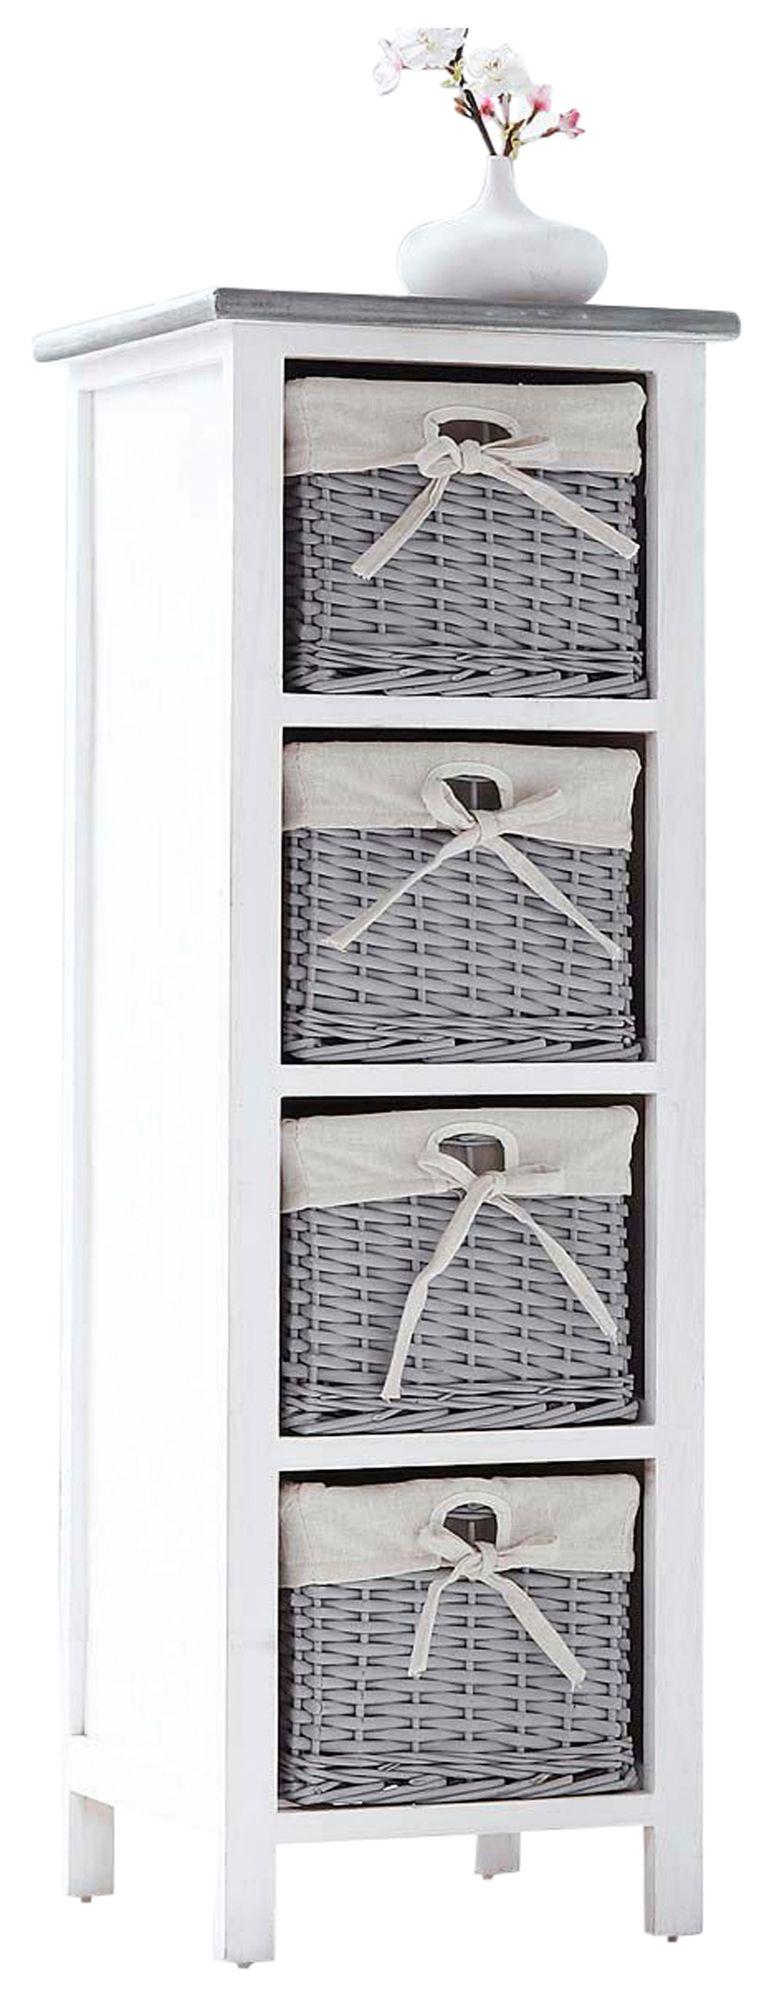 HOME AFFAIRE Best of home Regal mit 4 Körben Weiß-Grau